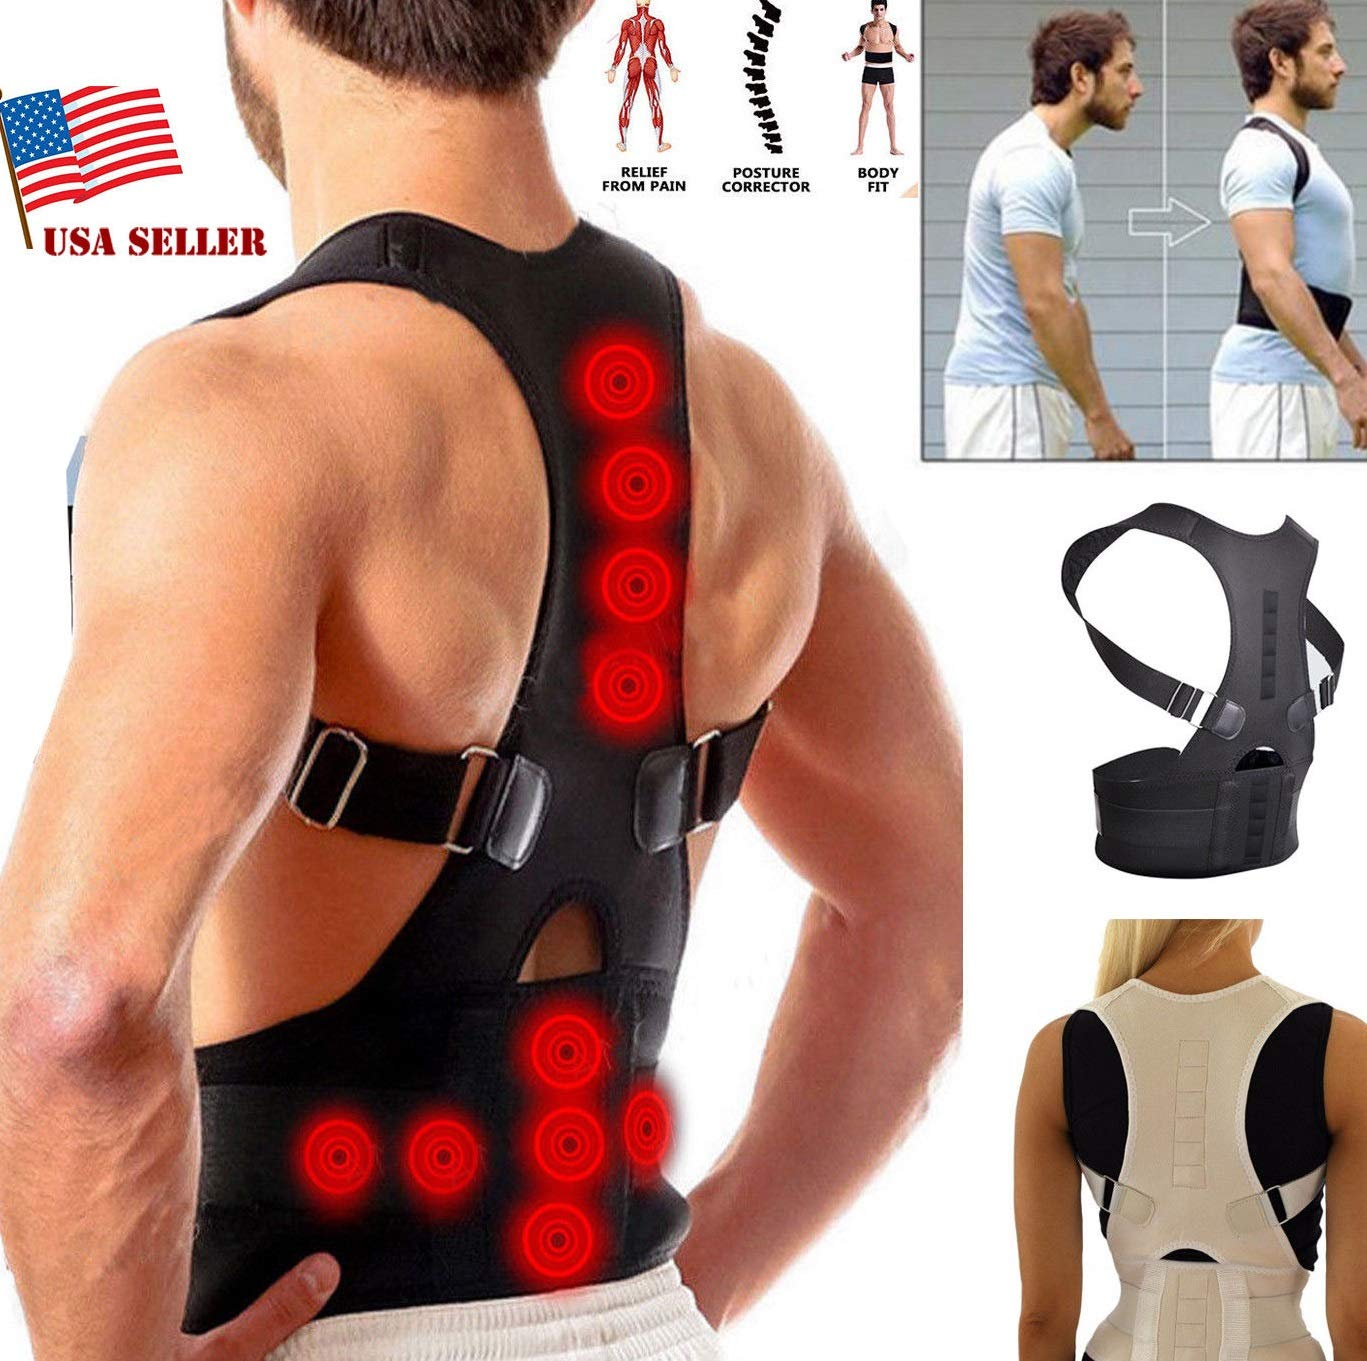 #1 Fajas Ortopedicas para Hombres Faja Correctora Posture La Espalda Talla (S)